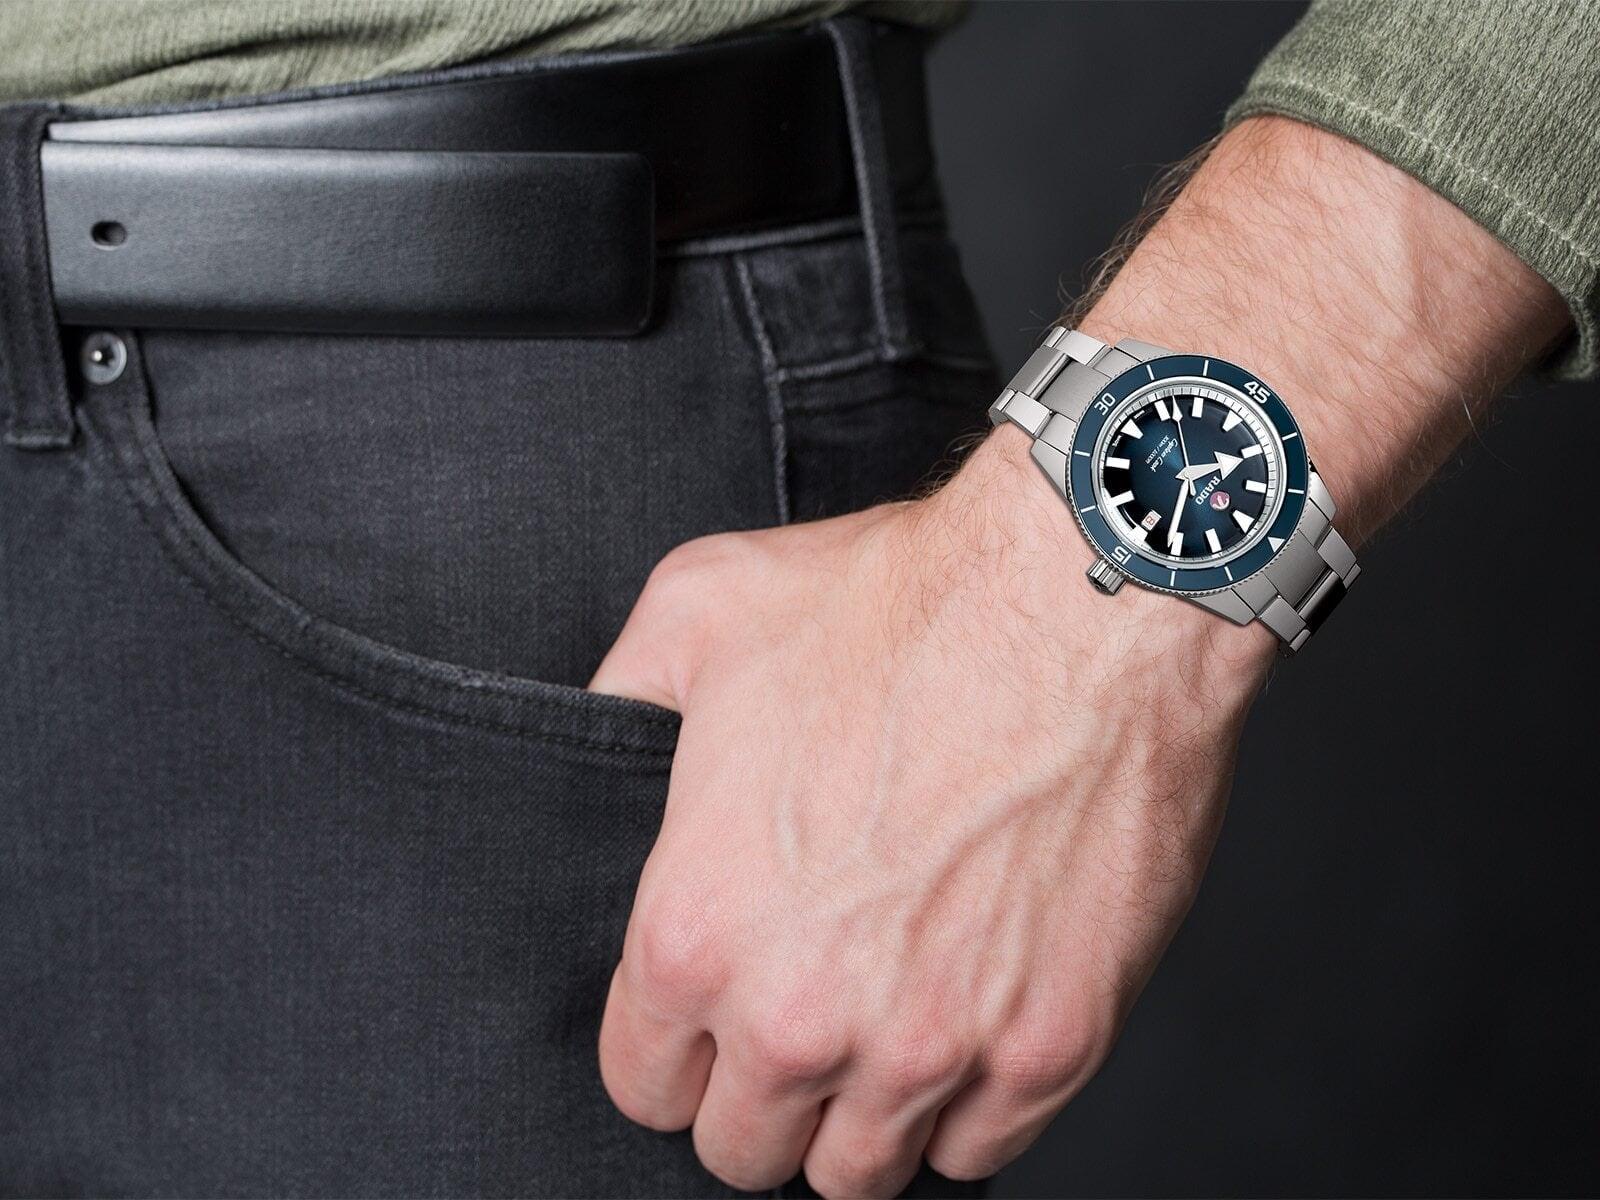 【RADO ラドー】Captain Cook キャプテンクック ブレスレット(ブルー)/国内正規品 腕時計